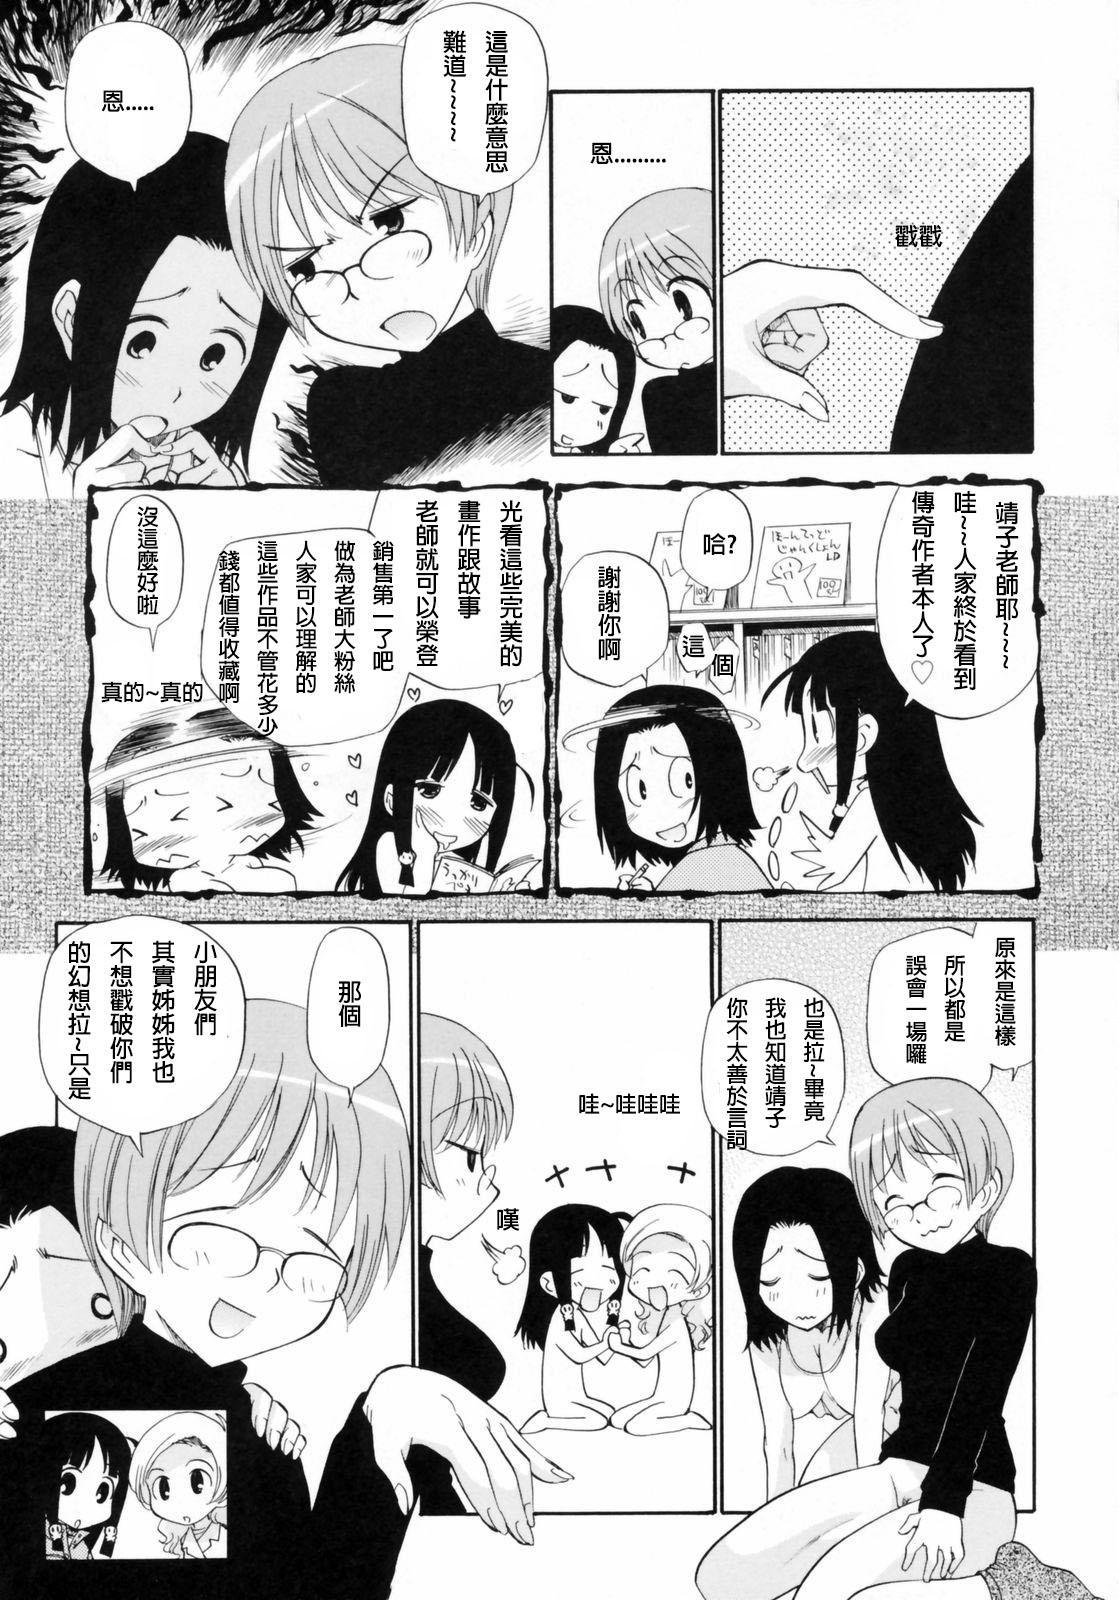 [Kamirenjaku Sanpei] Watashi o Ariake e Tsuretette! - Take me to Ariake! Ch. 1-4 [Chinese] [伍拾漢化] 54